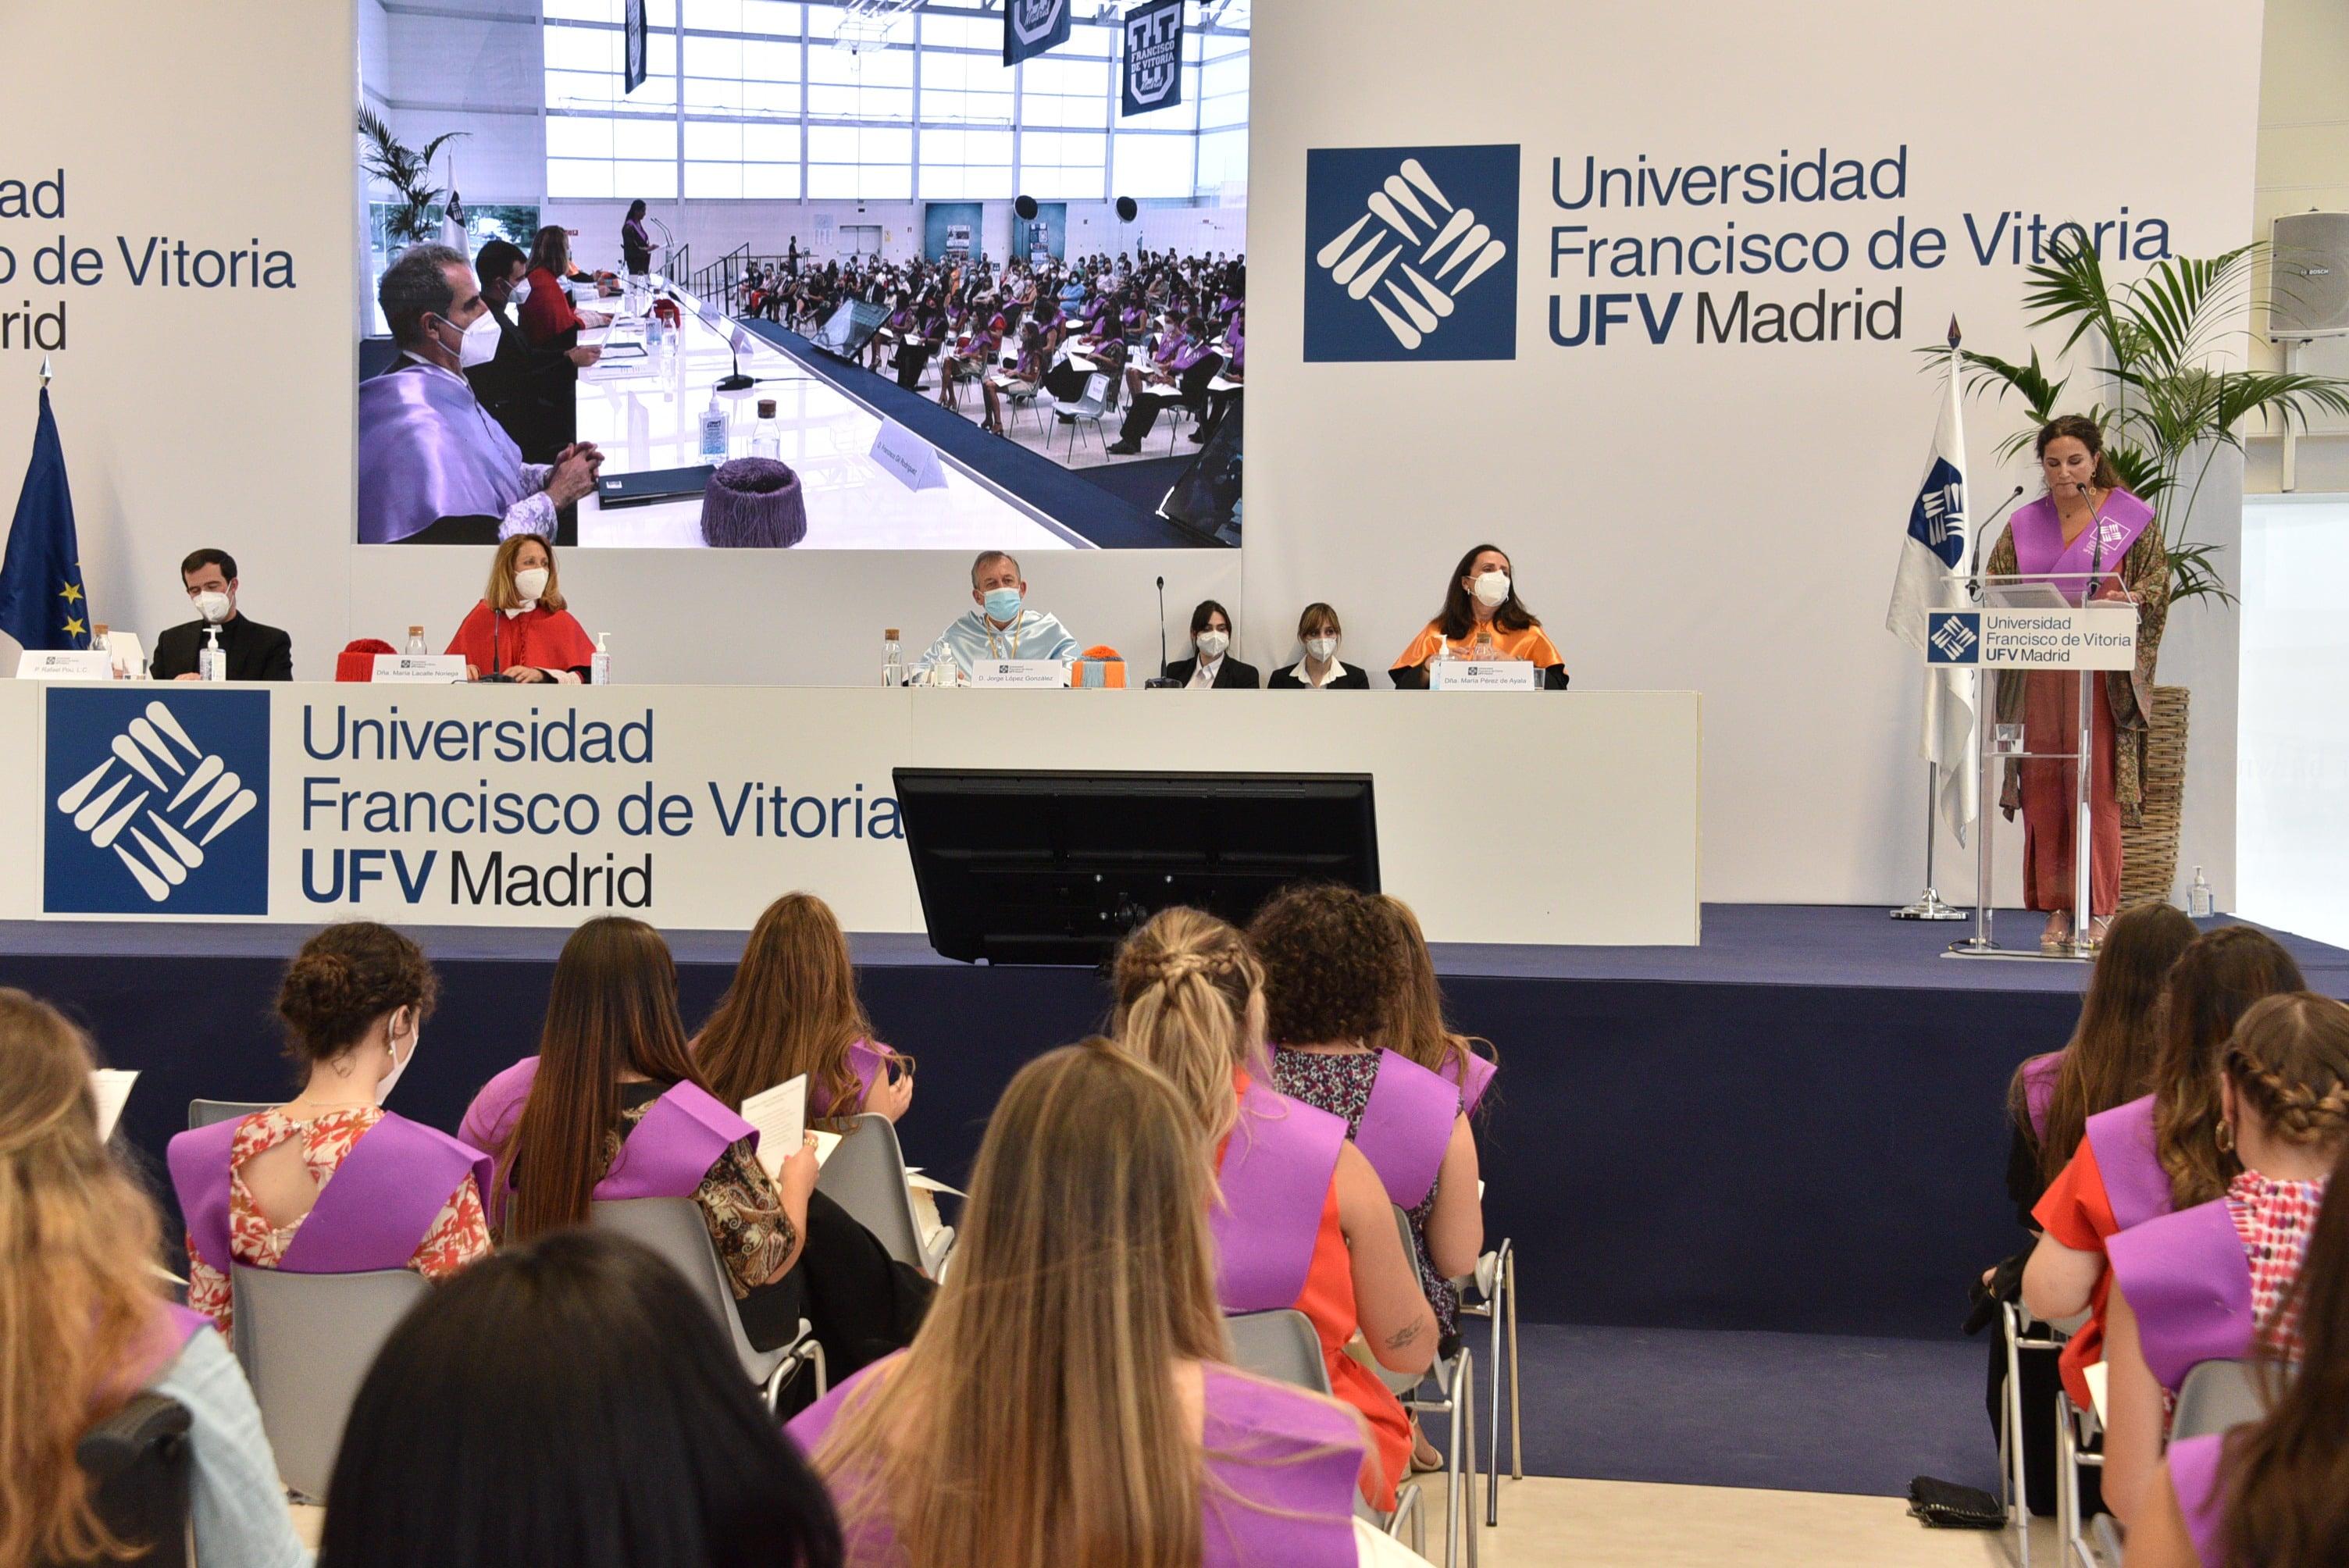 210703UFV2 1401 min Actos académicos Estudiar en Universidad Privada Madrid